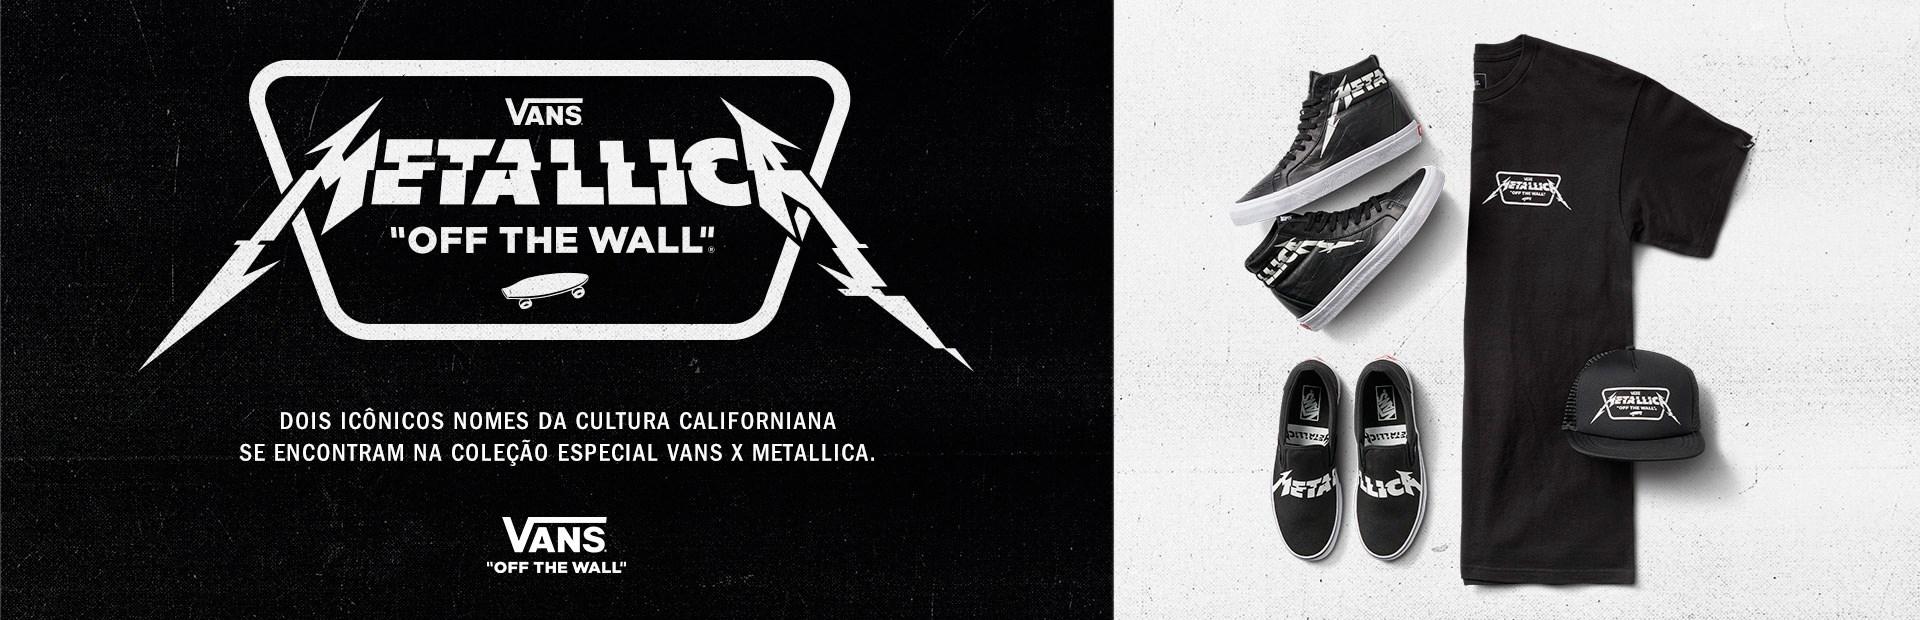 Vans Metallica